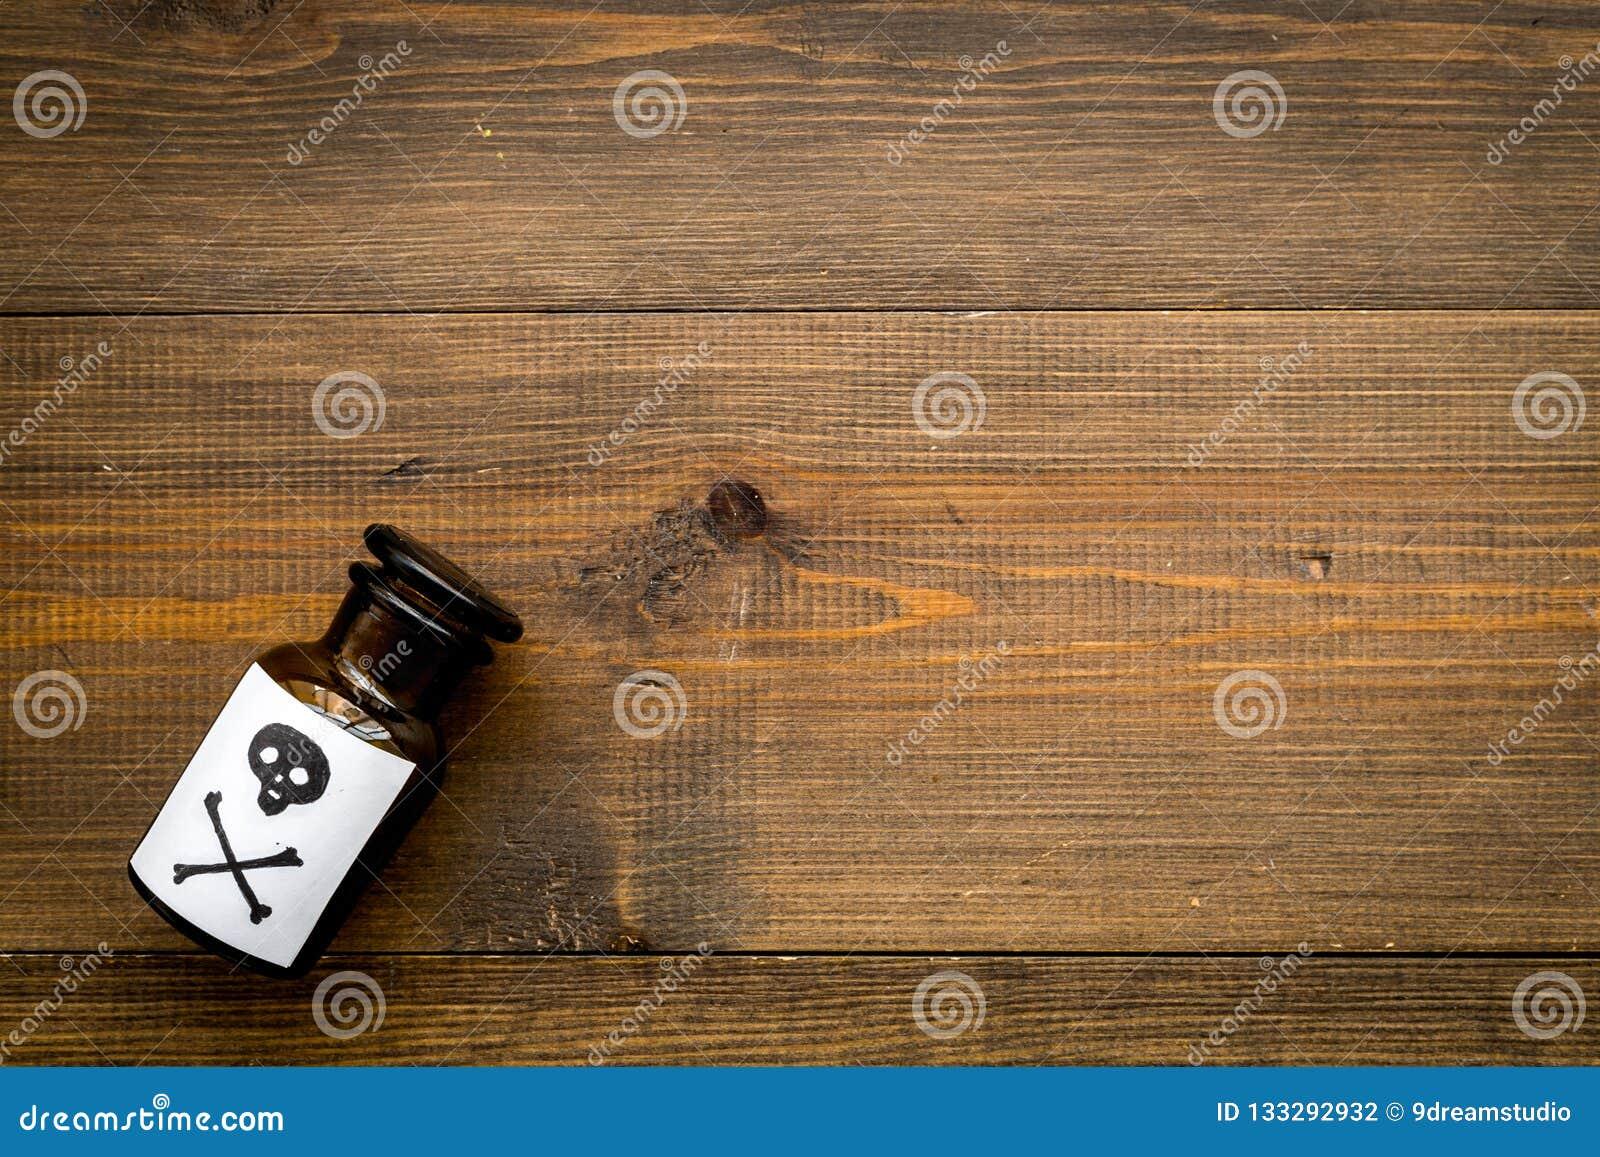 Farliga böjelser, farlig underhållning gift Flaska med skallen och korslagda benknotor på mörk träbakgrundsöverkant